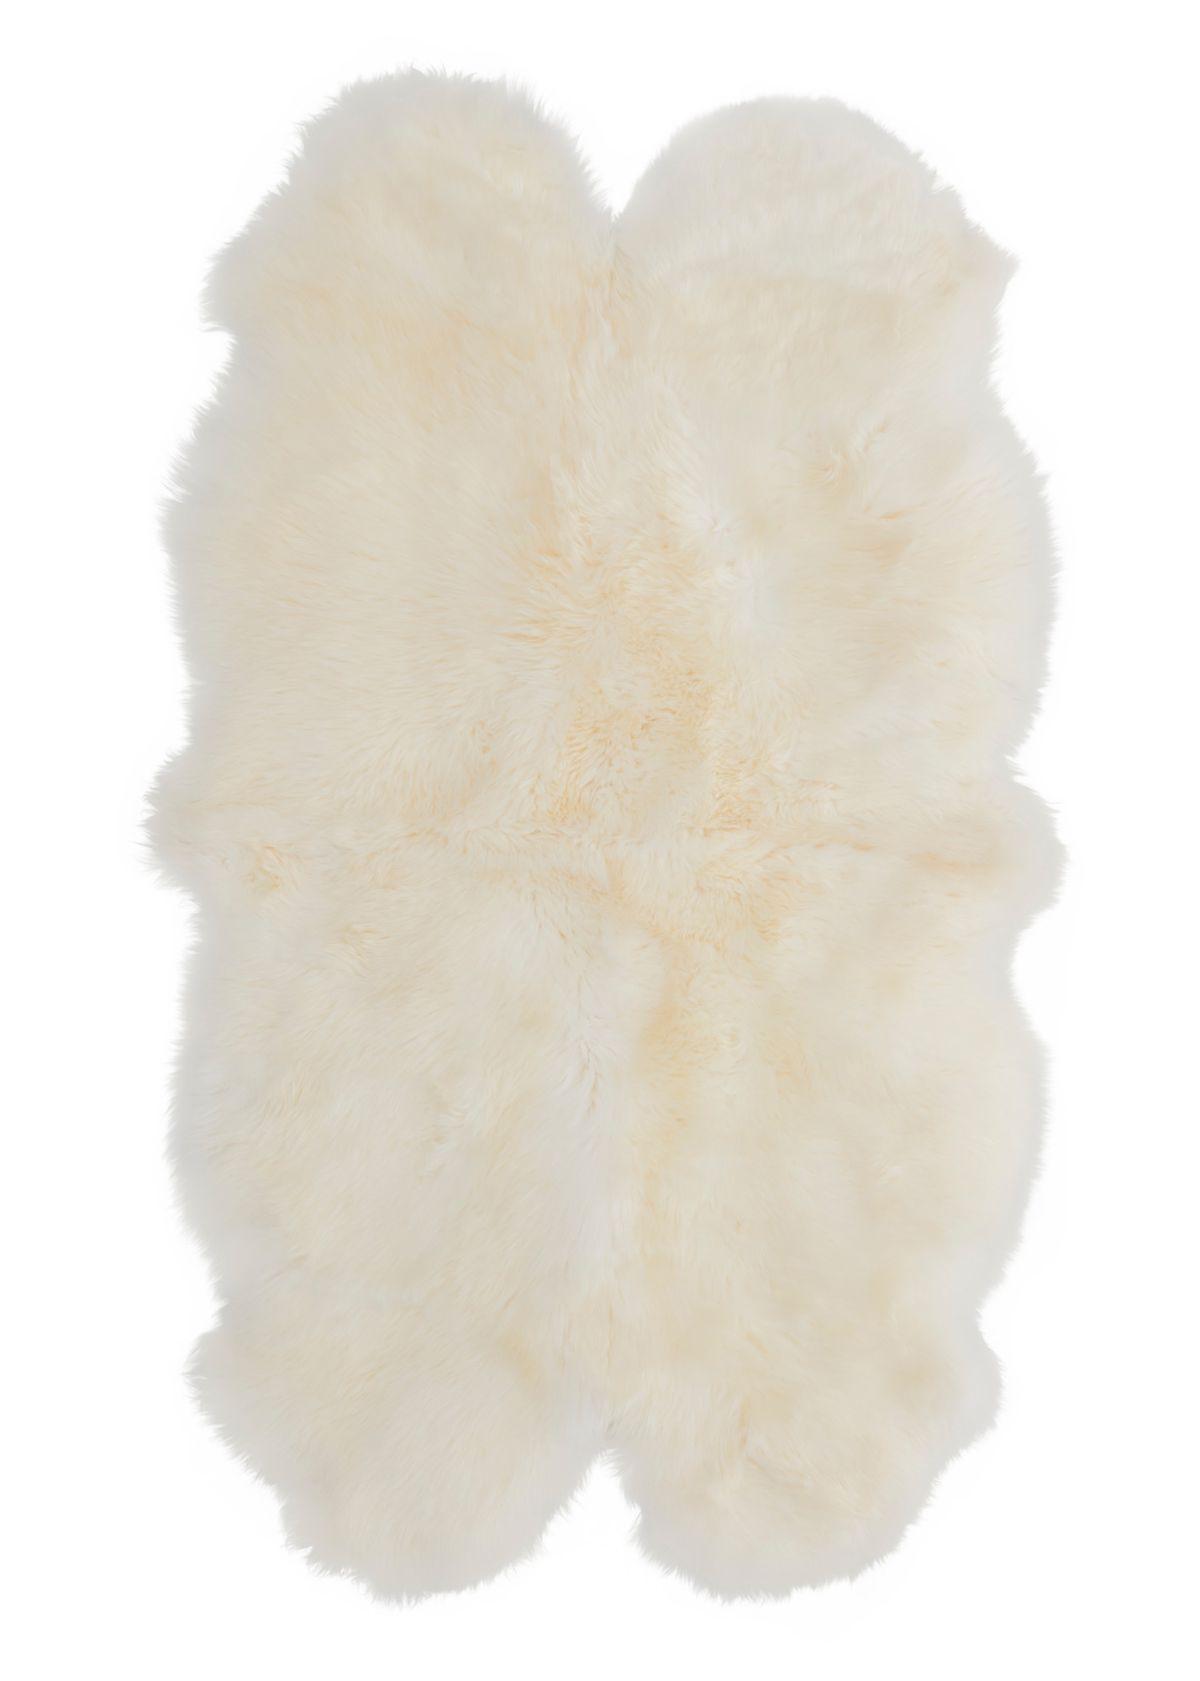 Ikea Skold Sheepskin Rug, $249